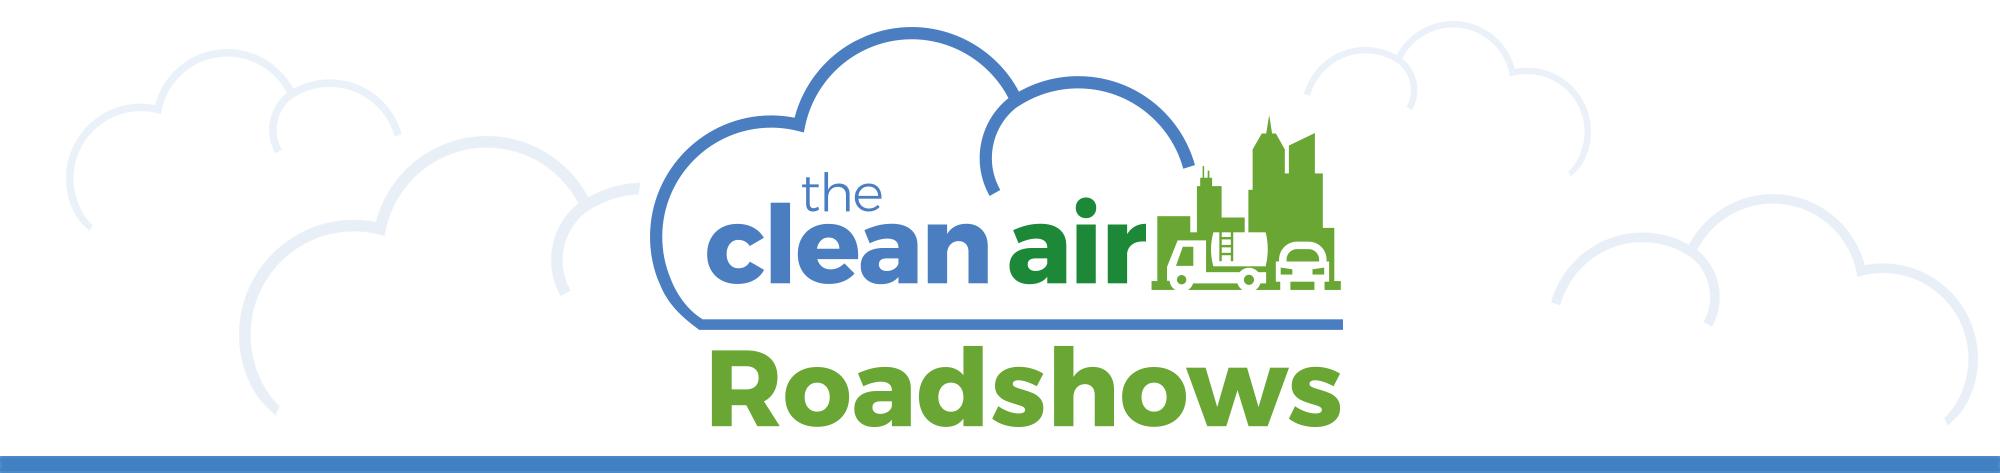 The Clean Air Road Show